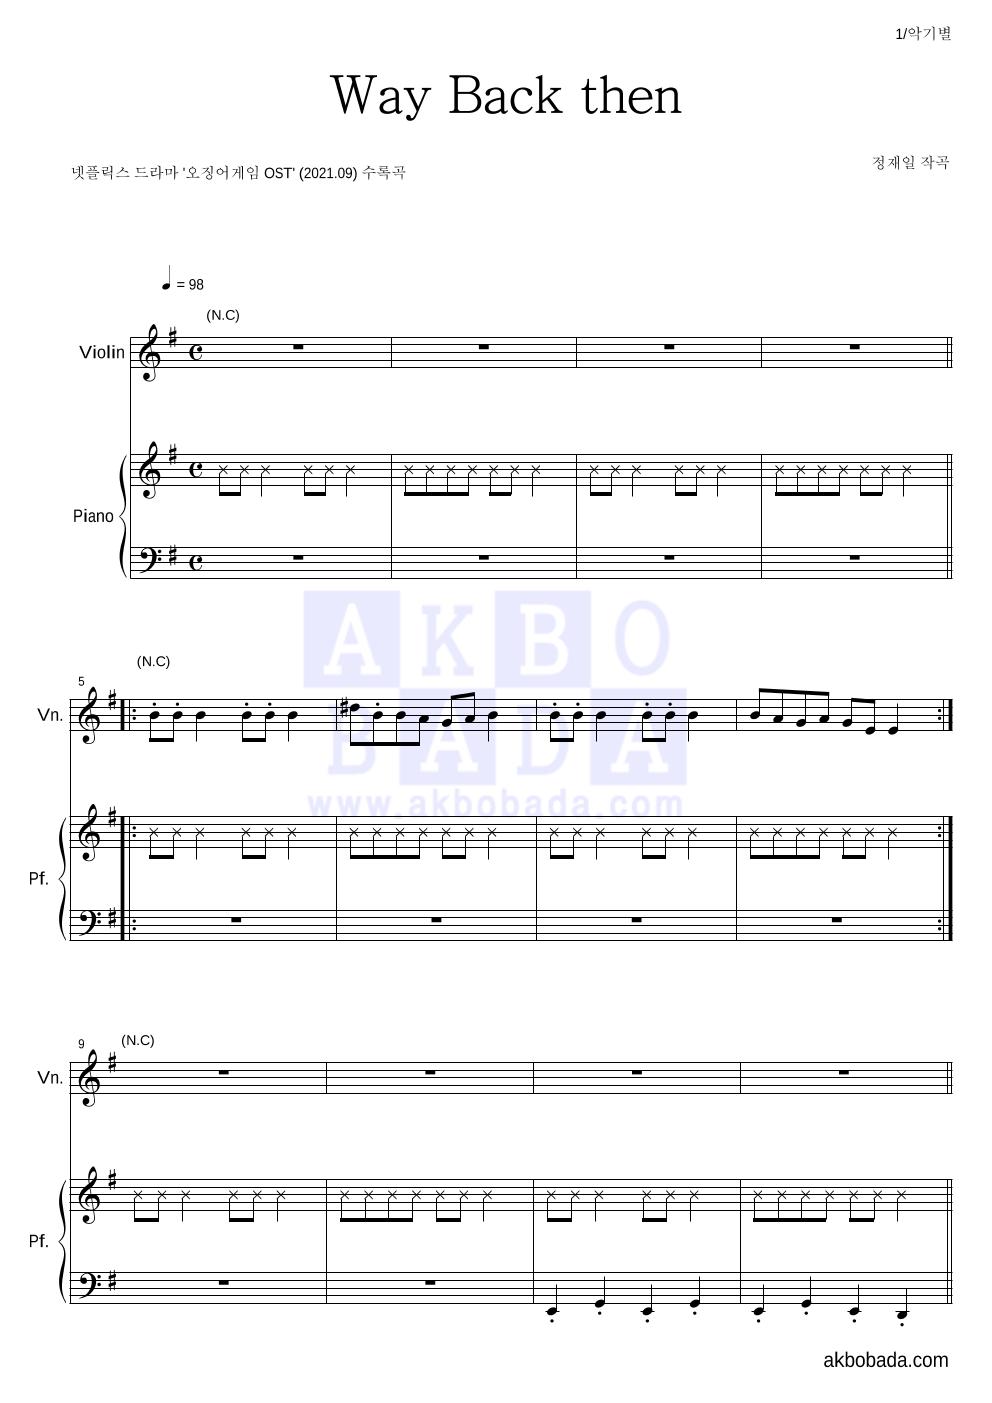 정재일 - Way Back then 바이올린&피아노 악보